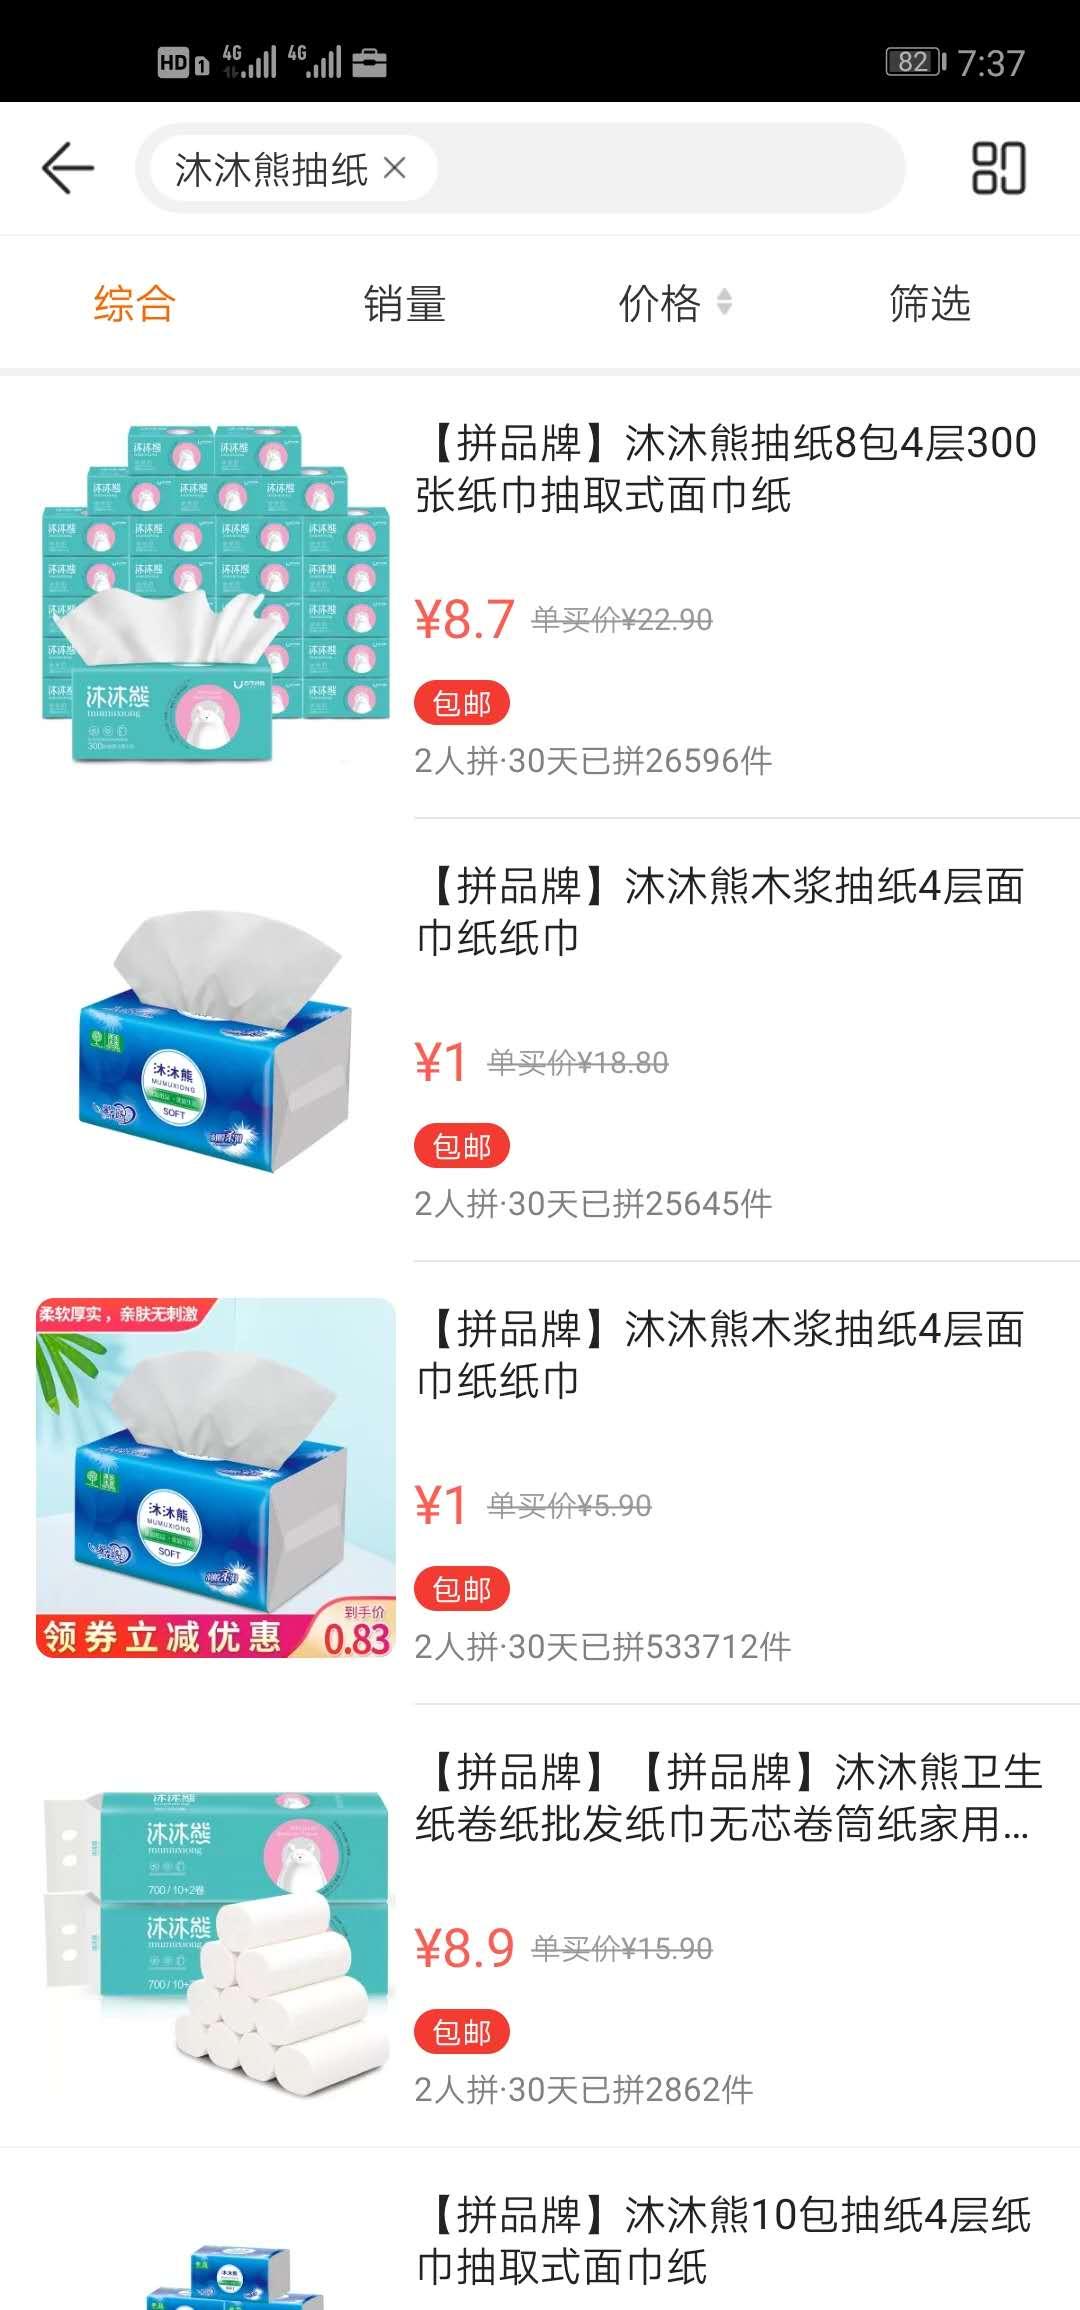 苏宁张奎:一个爆款救活保定一家造纸厂